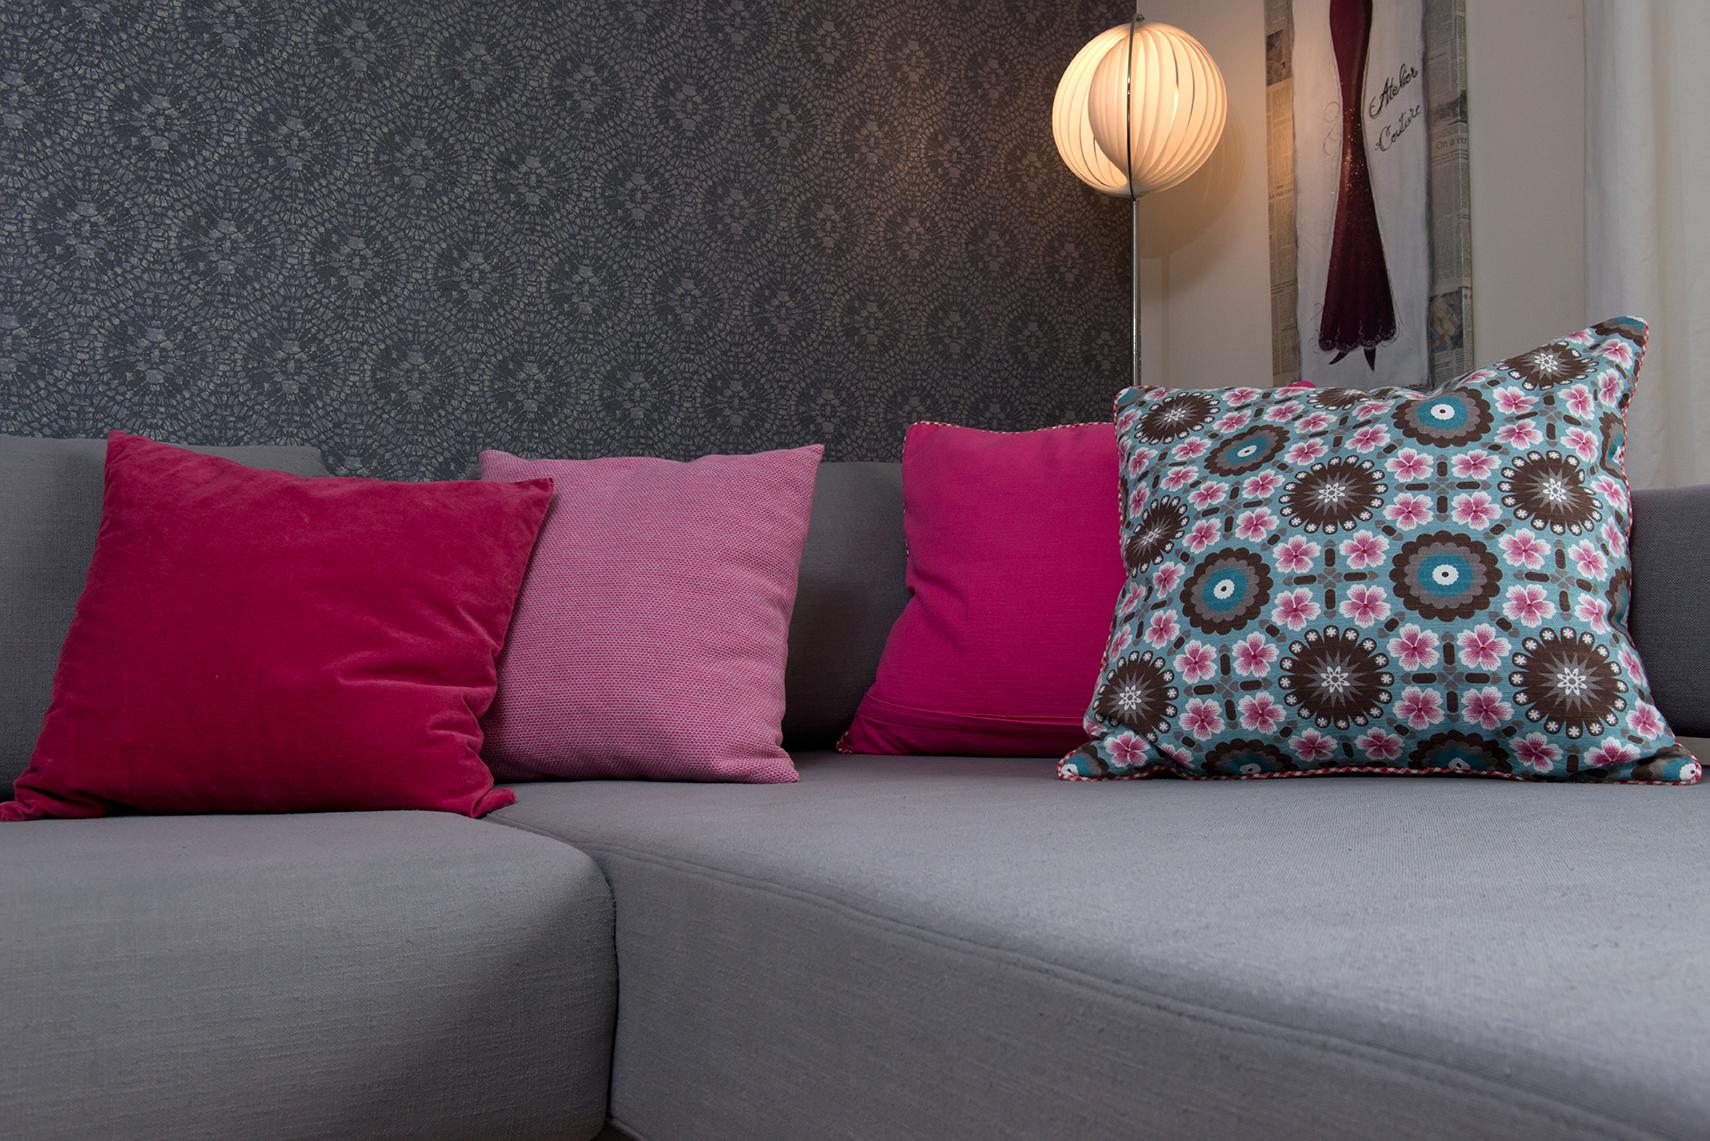 Kissen für stilvollen Wohnraum